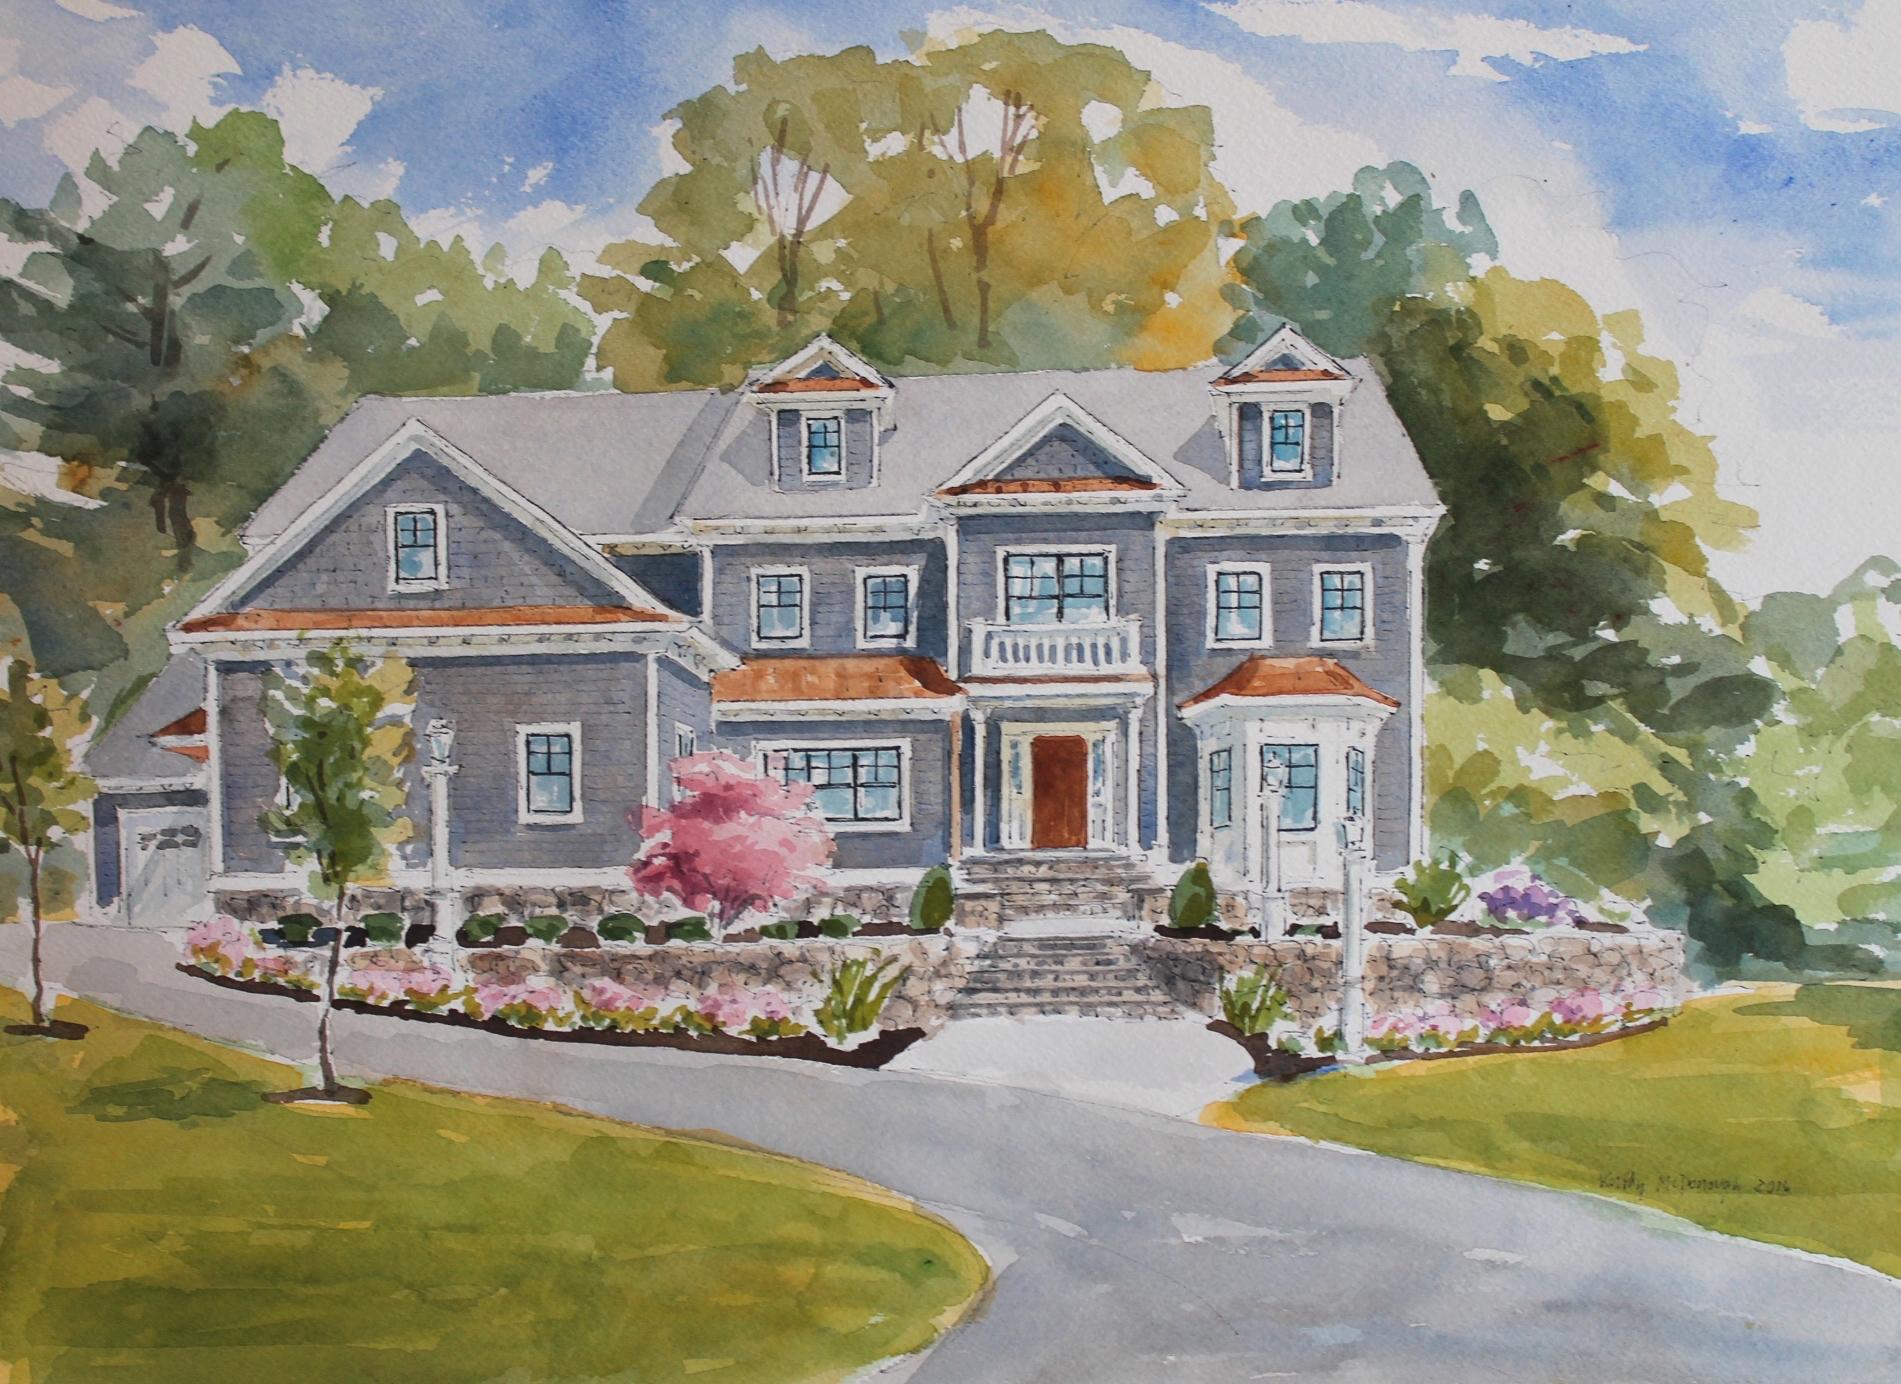 Частный односемейный дом для того Продажа на A True Statement! 71 Adams Street Lexington, Массачусетс, 02420 Соединенные Штаты